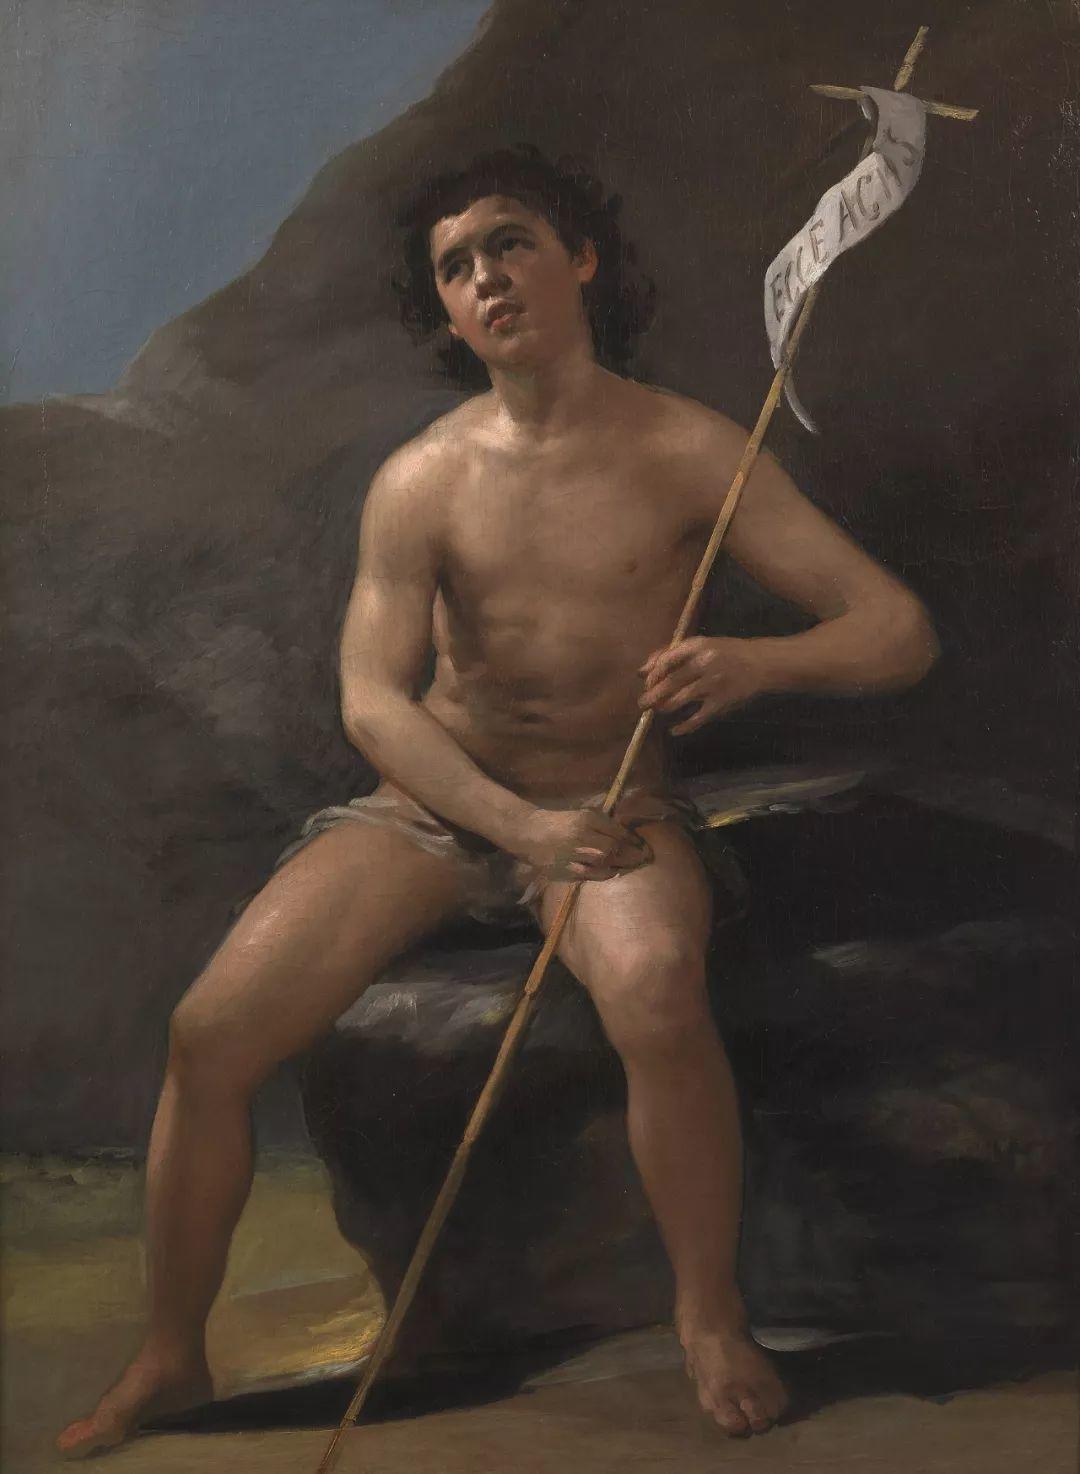 画风奇异的天才戈雅,画作震撼,他被称为浪漫主义最后的大师!插图133